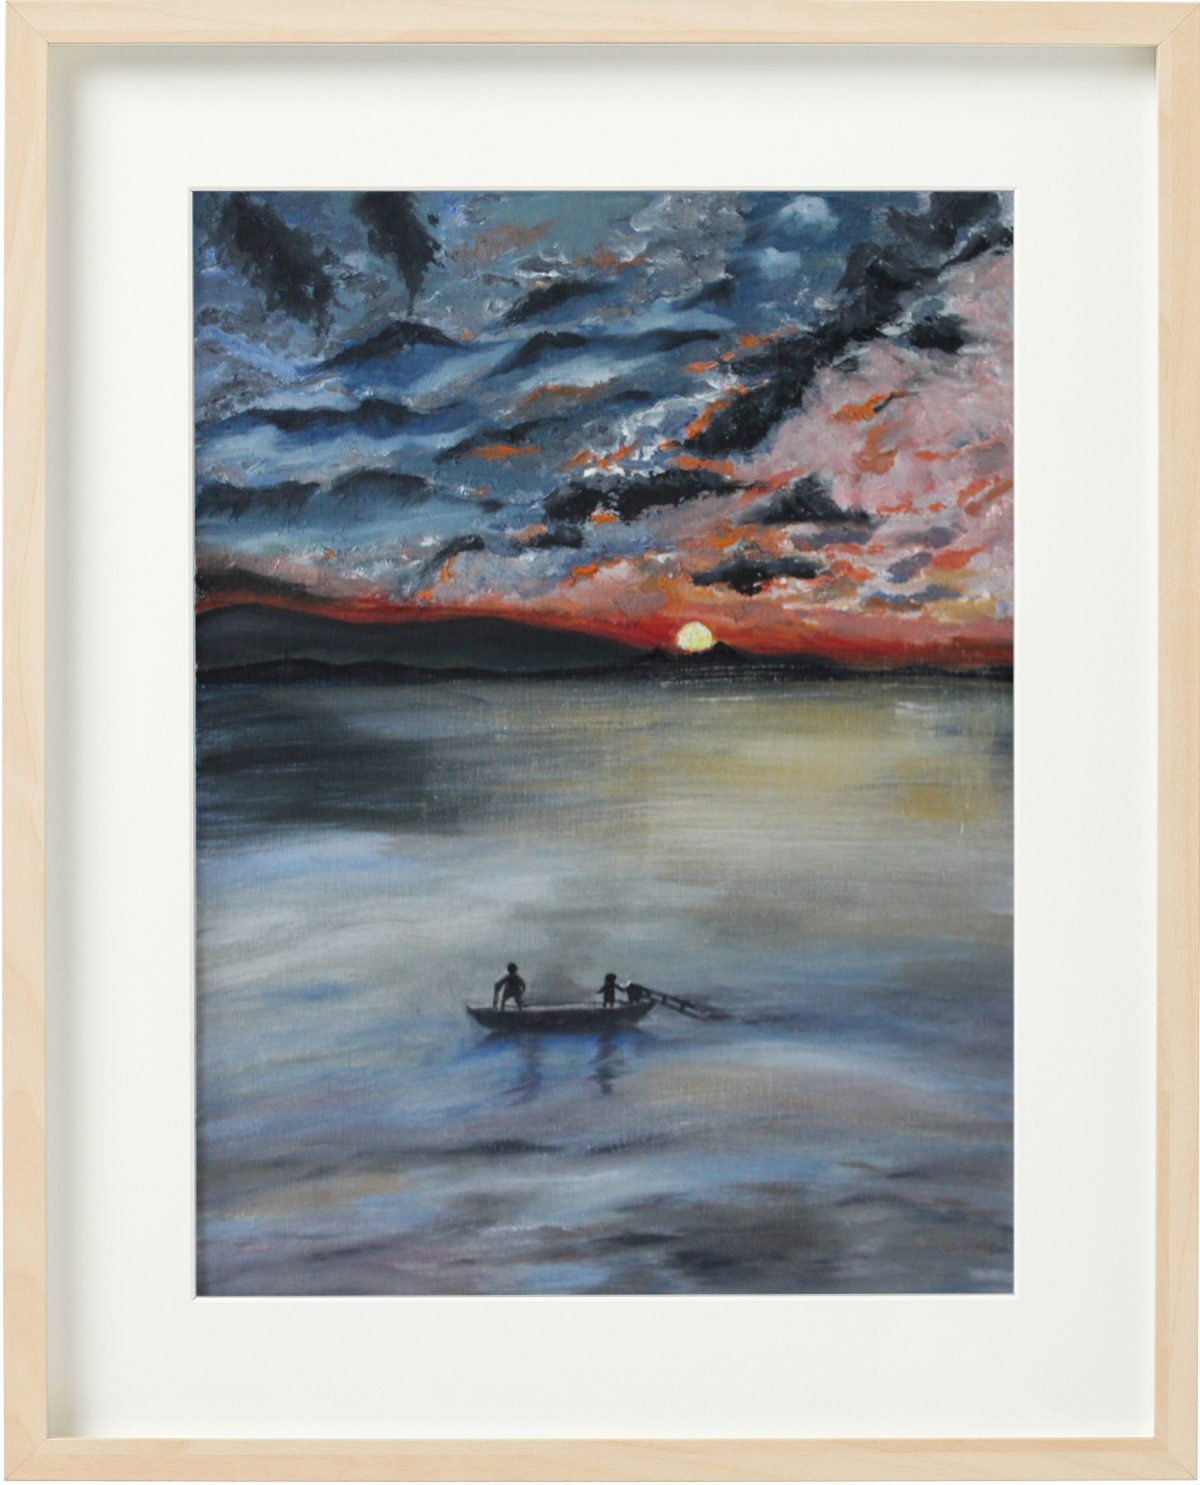 苏州太湖油画 by Fan Stanbrough